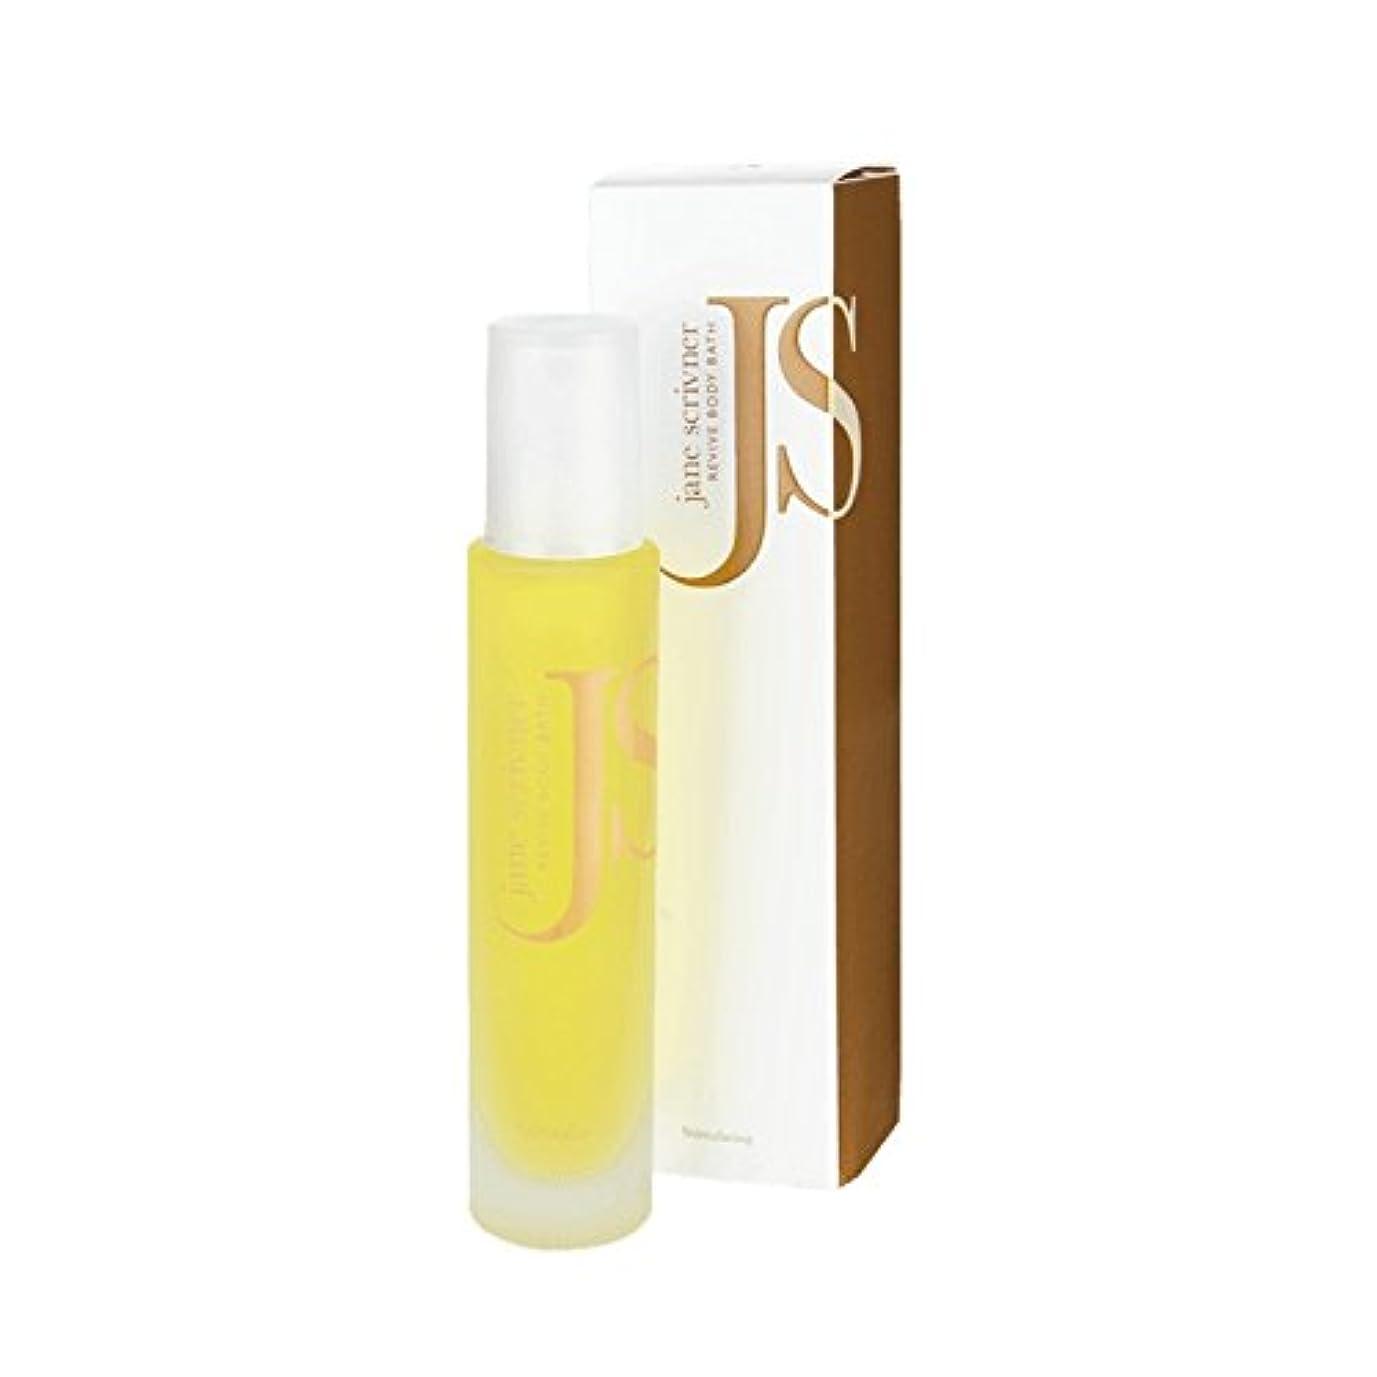 バーゲン信者出会いJane Scrivner Body Bath Oil Revive 100ml (Pack of 6) - ジェーンScrivnerボディバスオイル100ミリリットルを復活させます (x6) [並行輸入品]